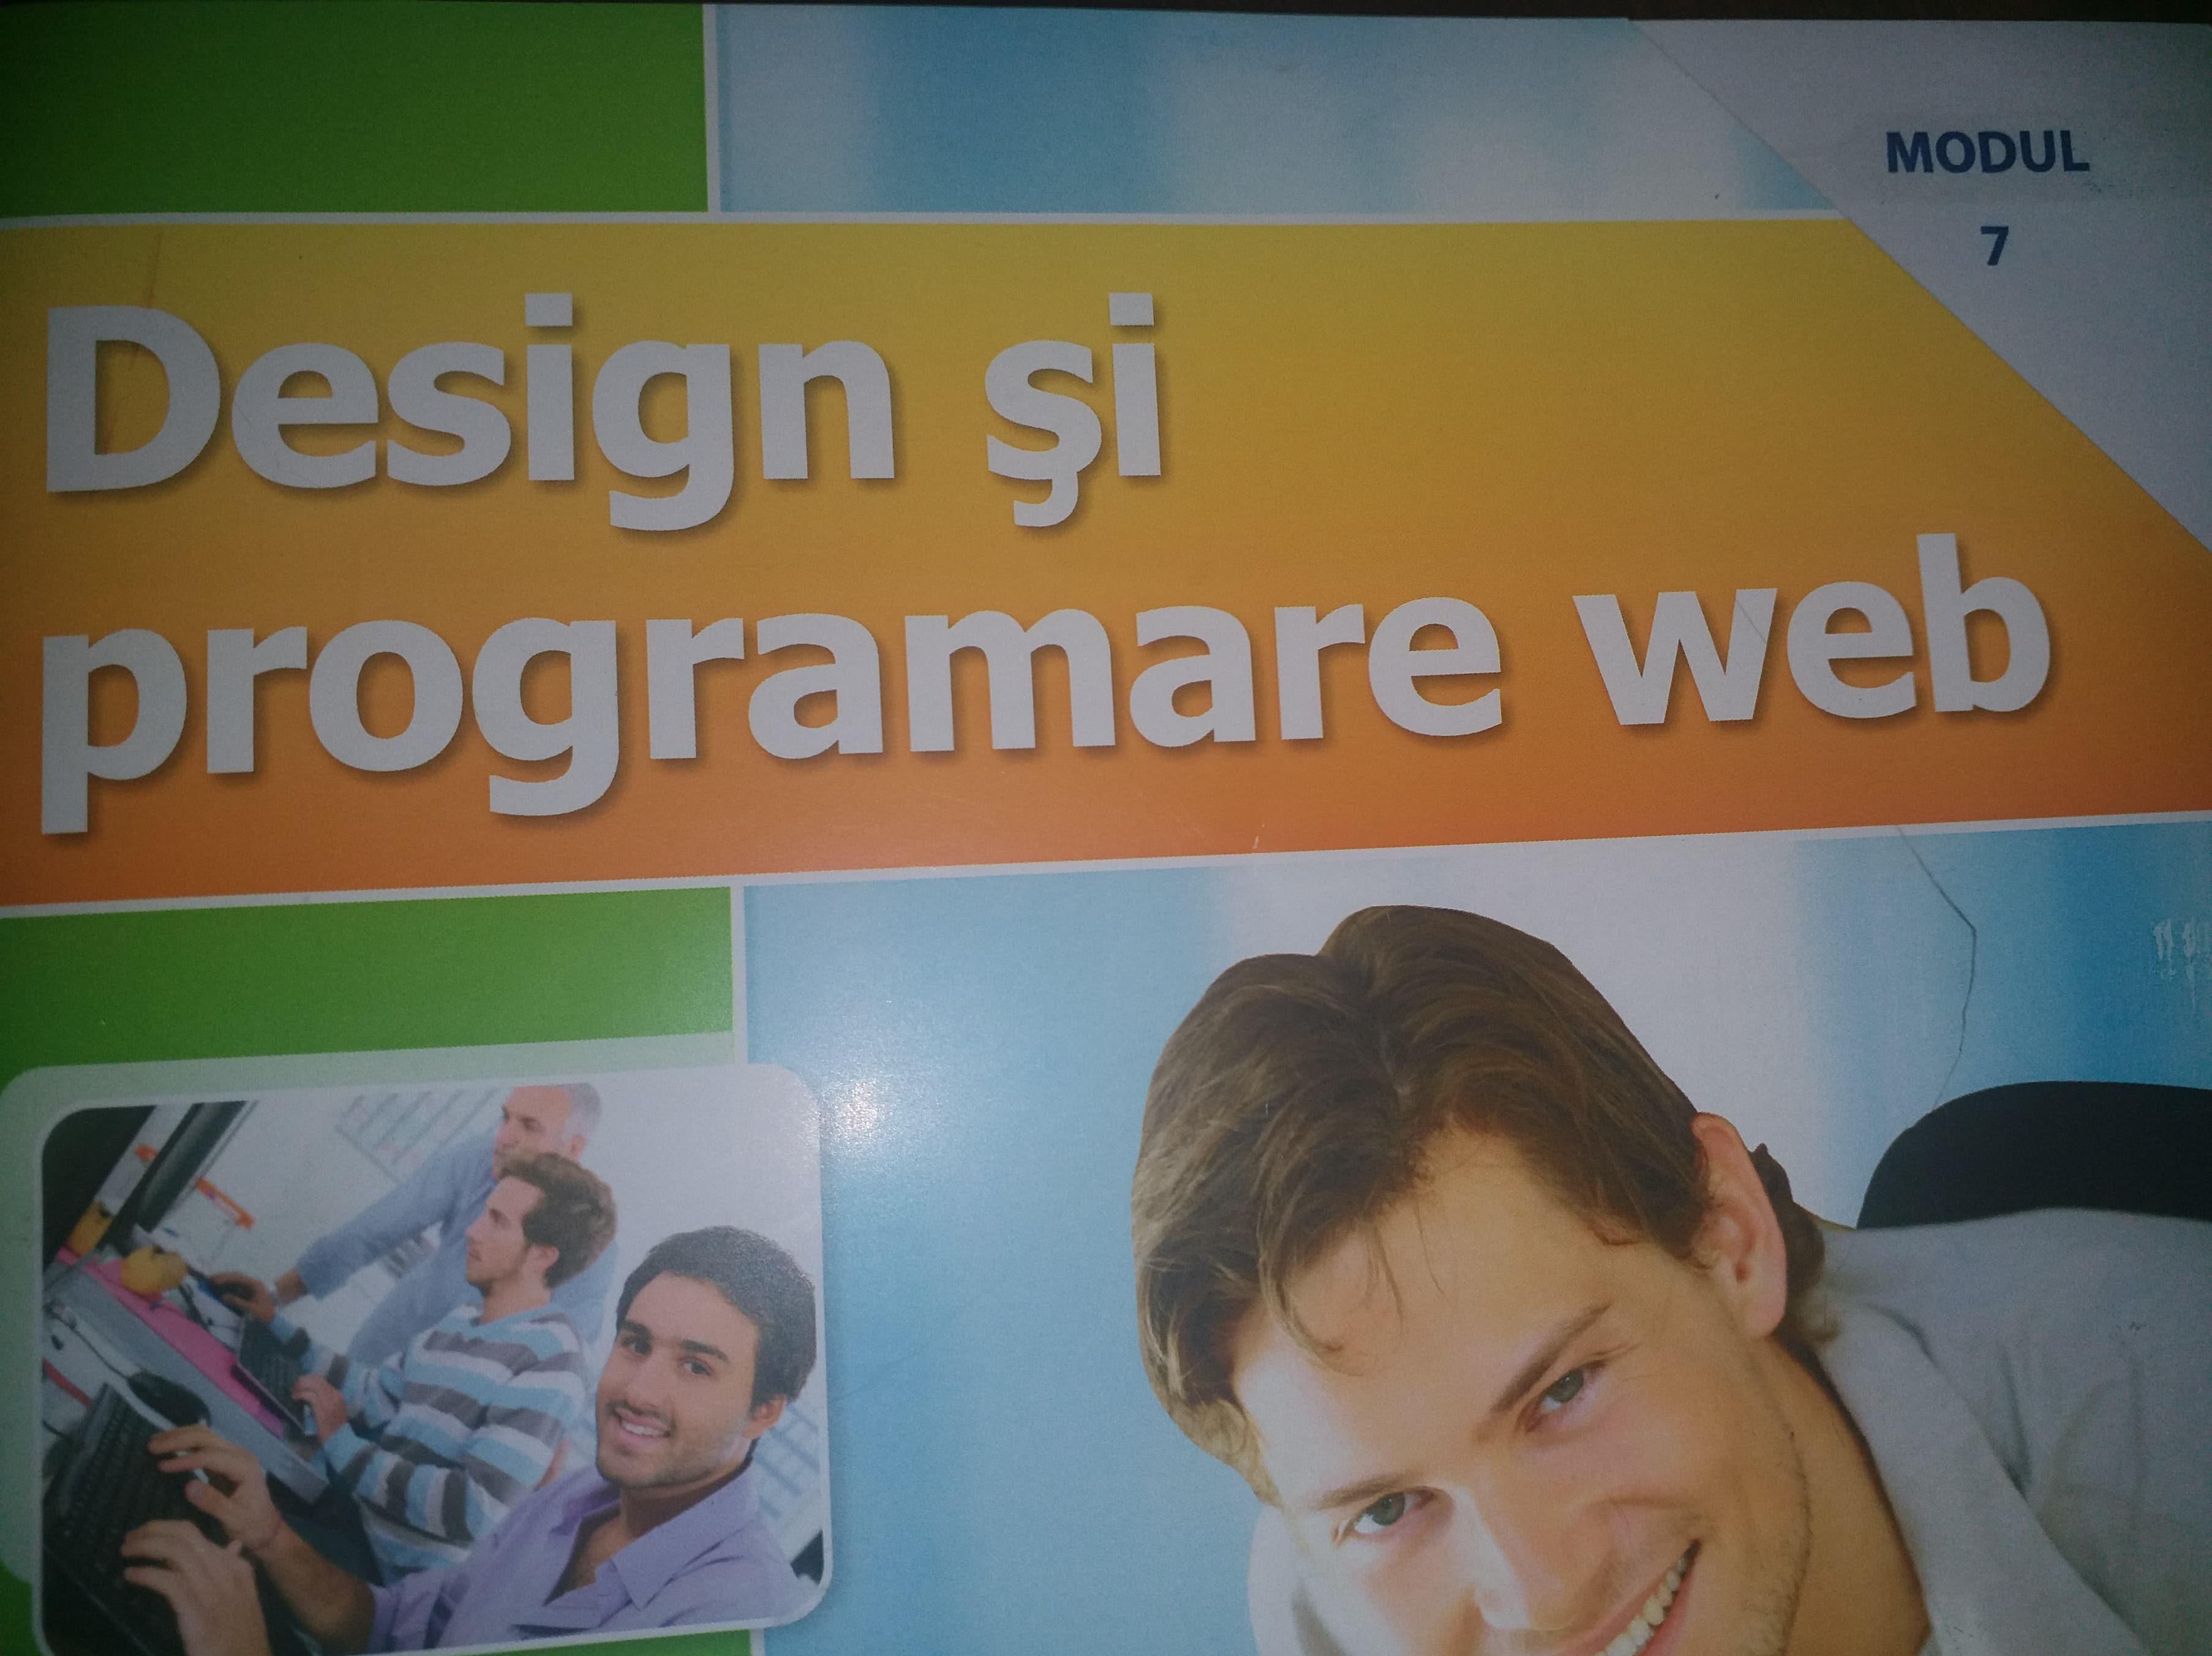 Curs de Design și Programare Web de la Eurocor – Modulul 7